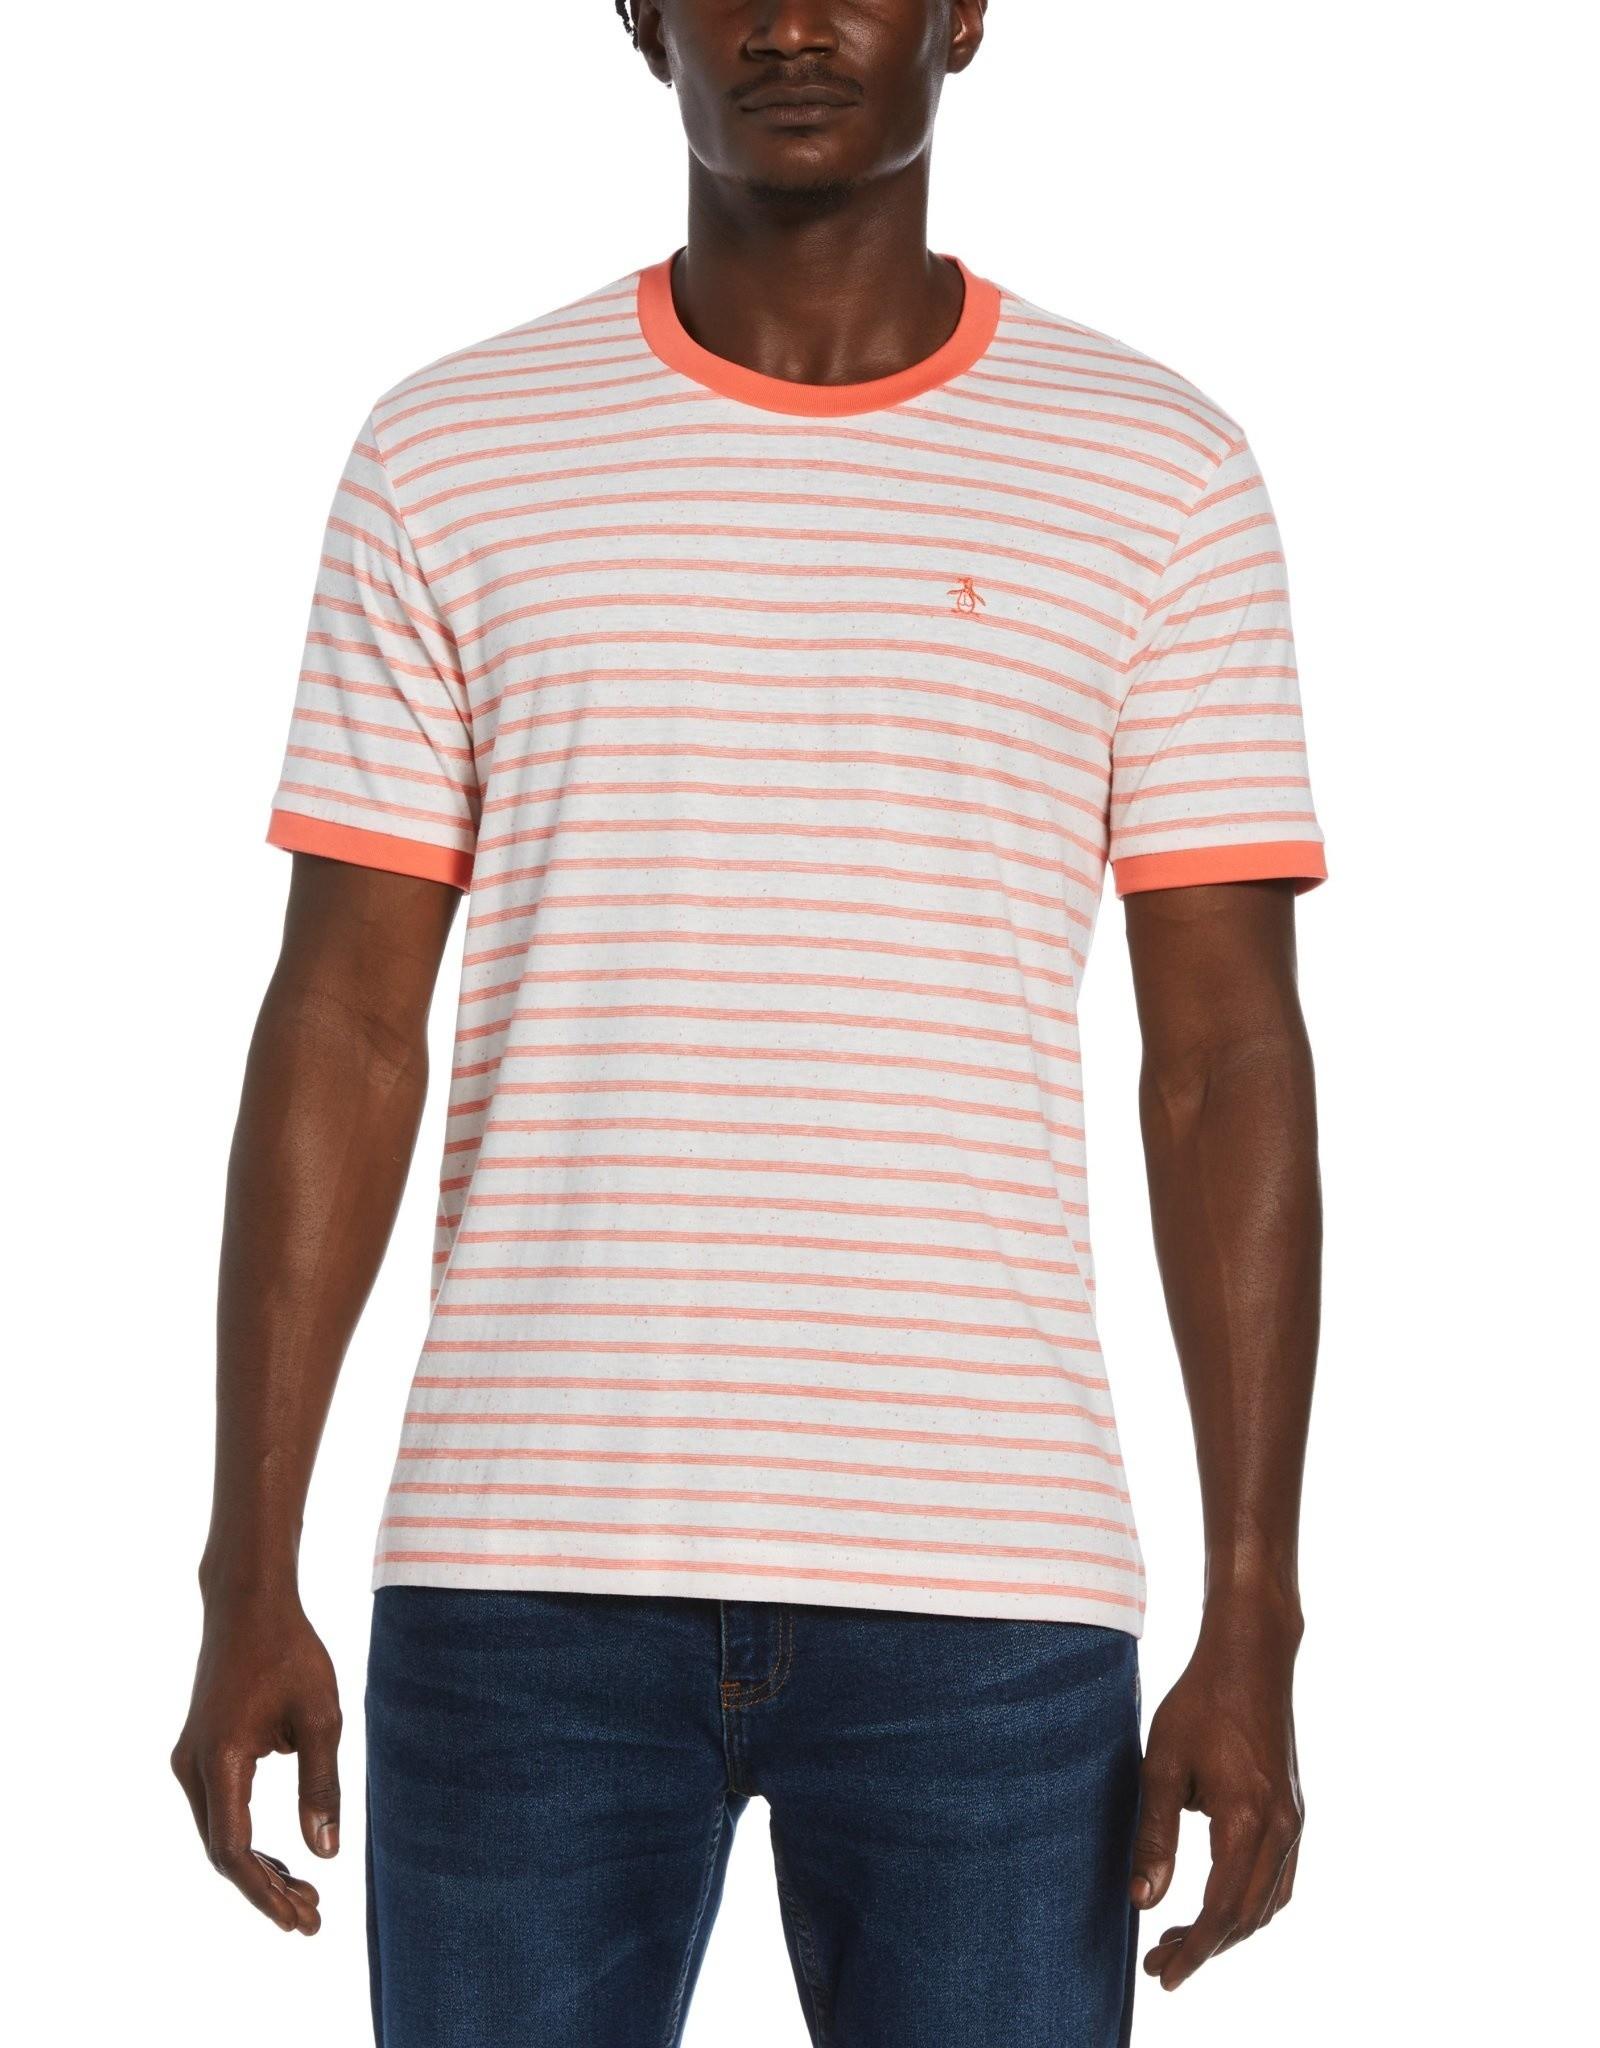 Penguin Stripe T-Shirt